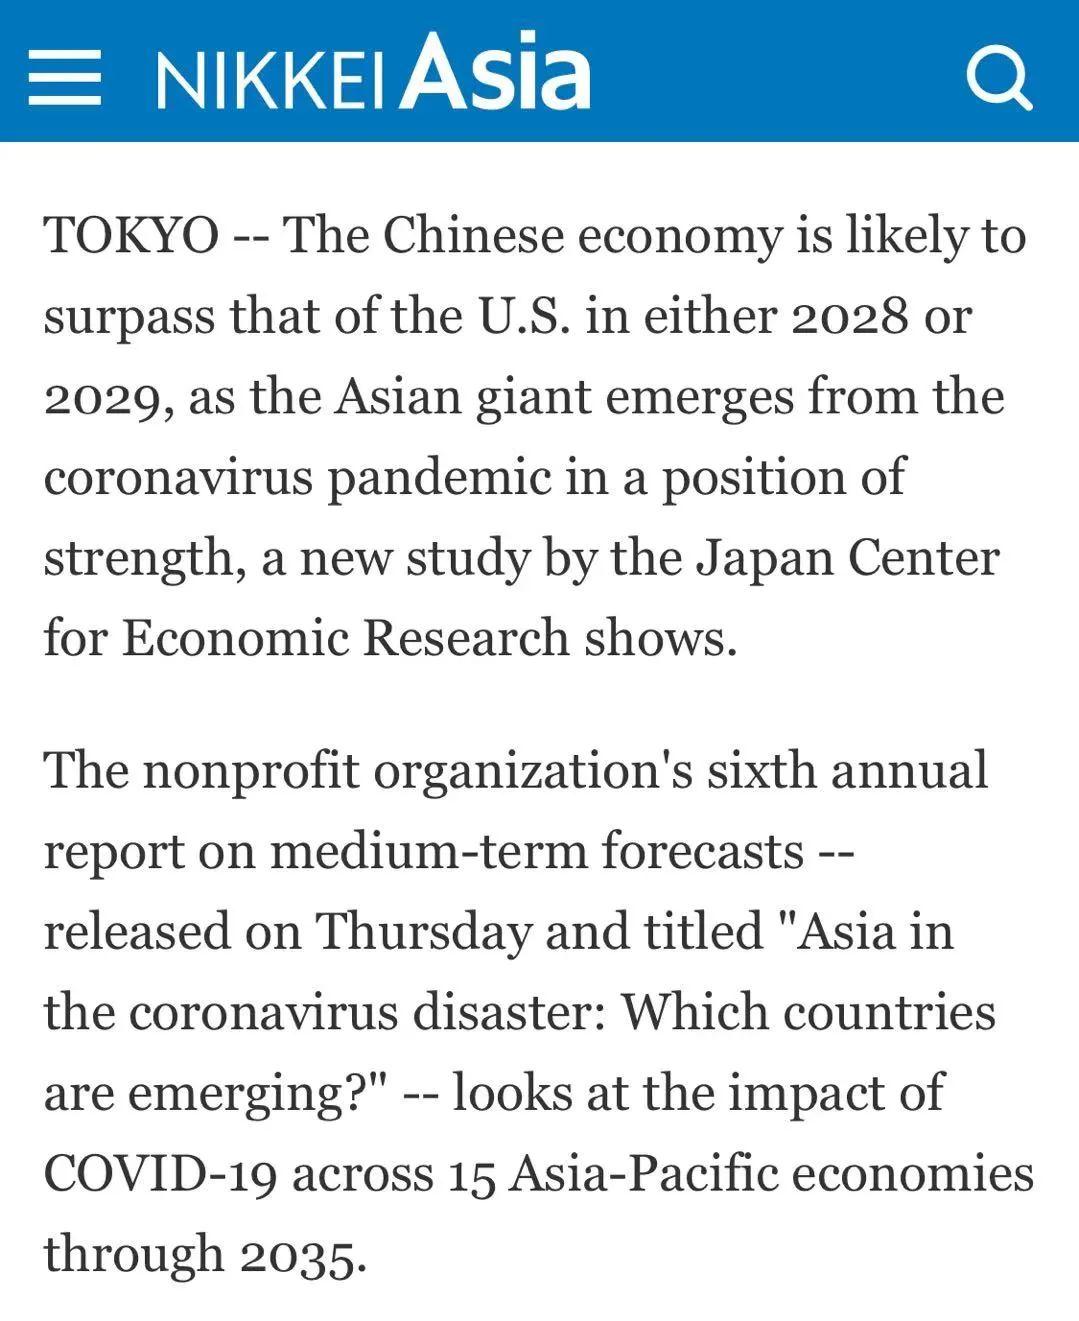 疫情影响经济总量_疫情对全球经济影响图